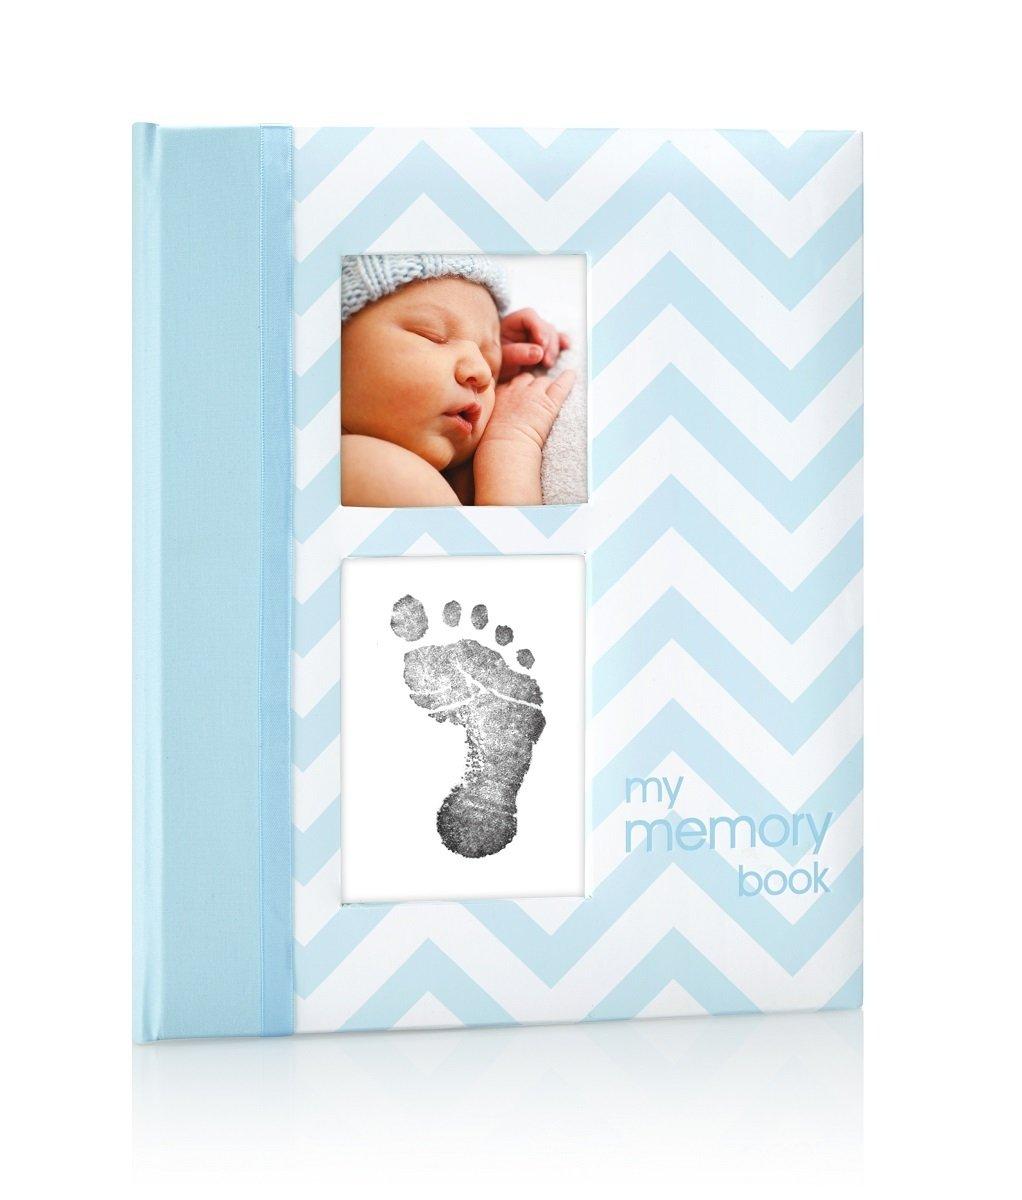 寶寶掌印回憶錄 - 藍色